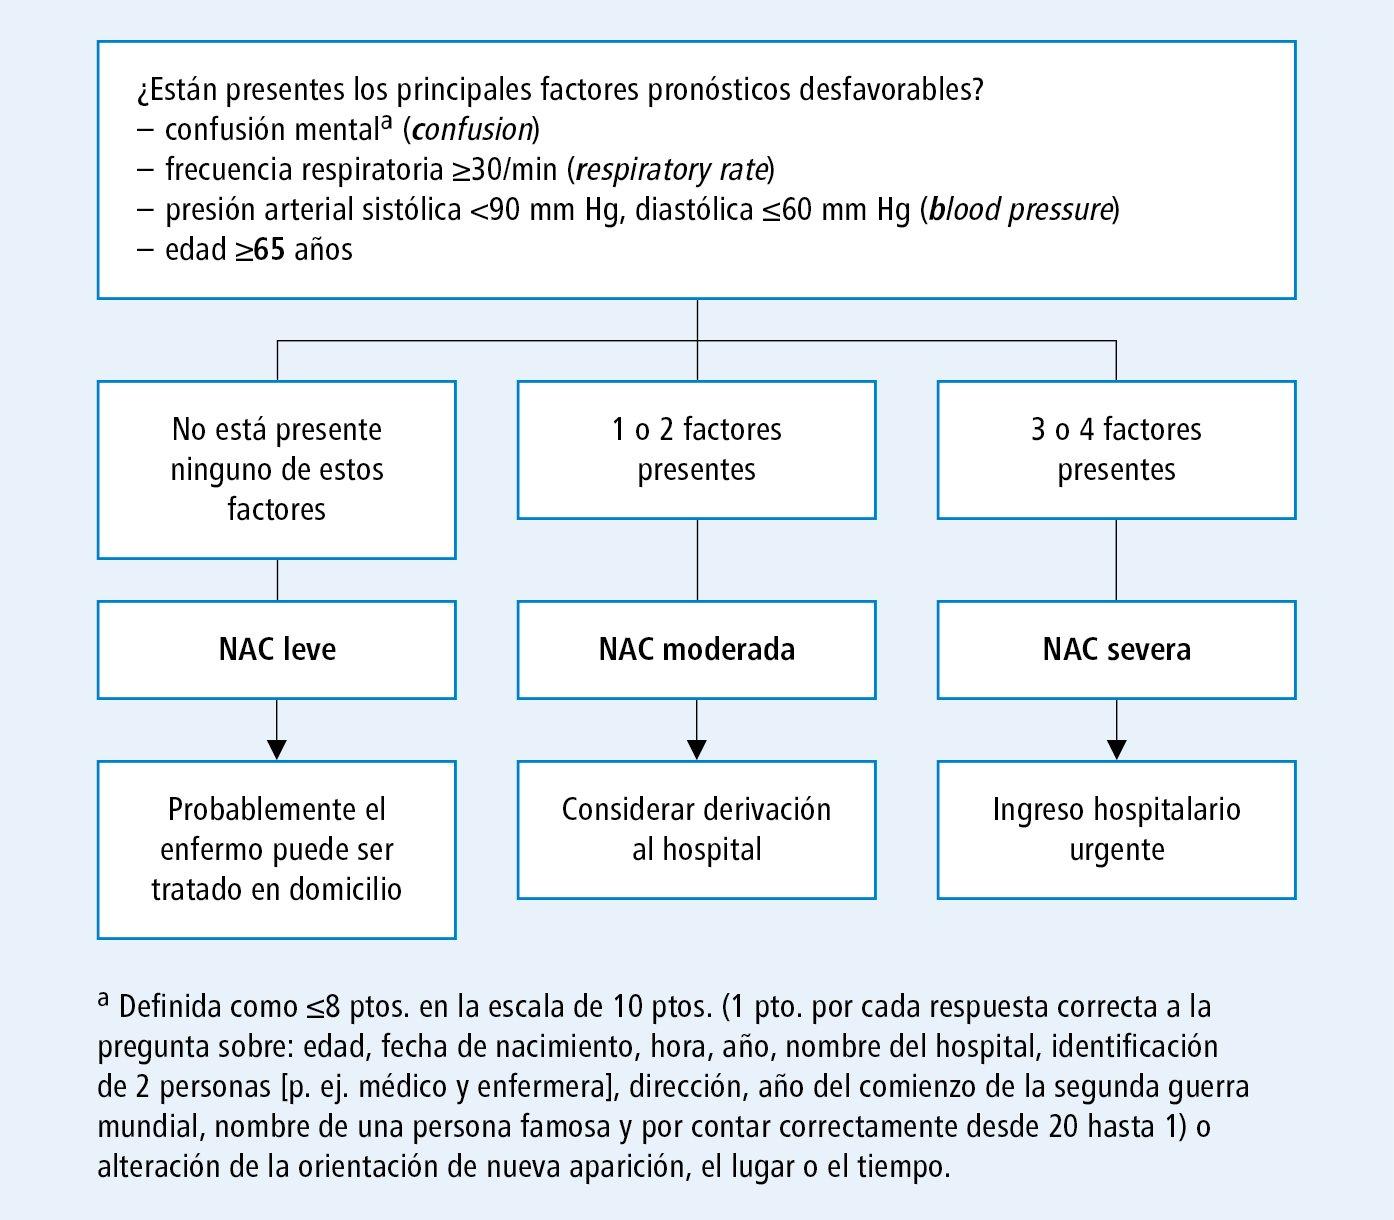 Neumonía adquirida en la comunidad (NAC) - Neumonía causada